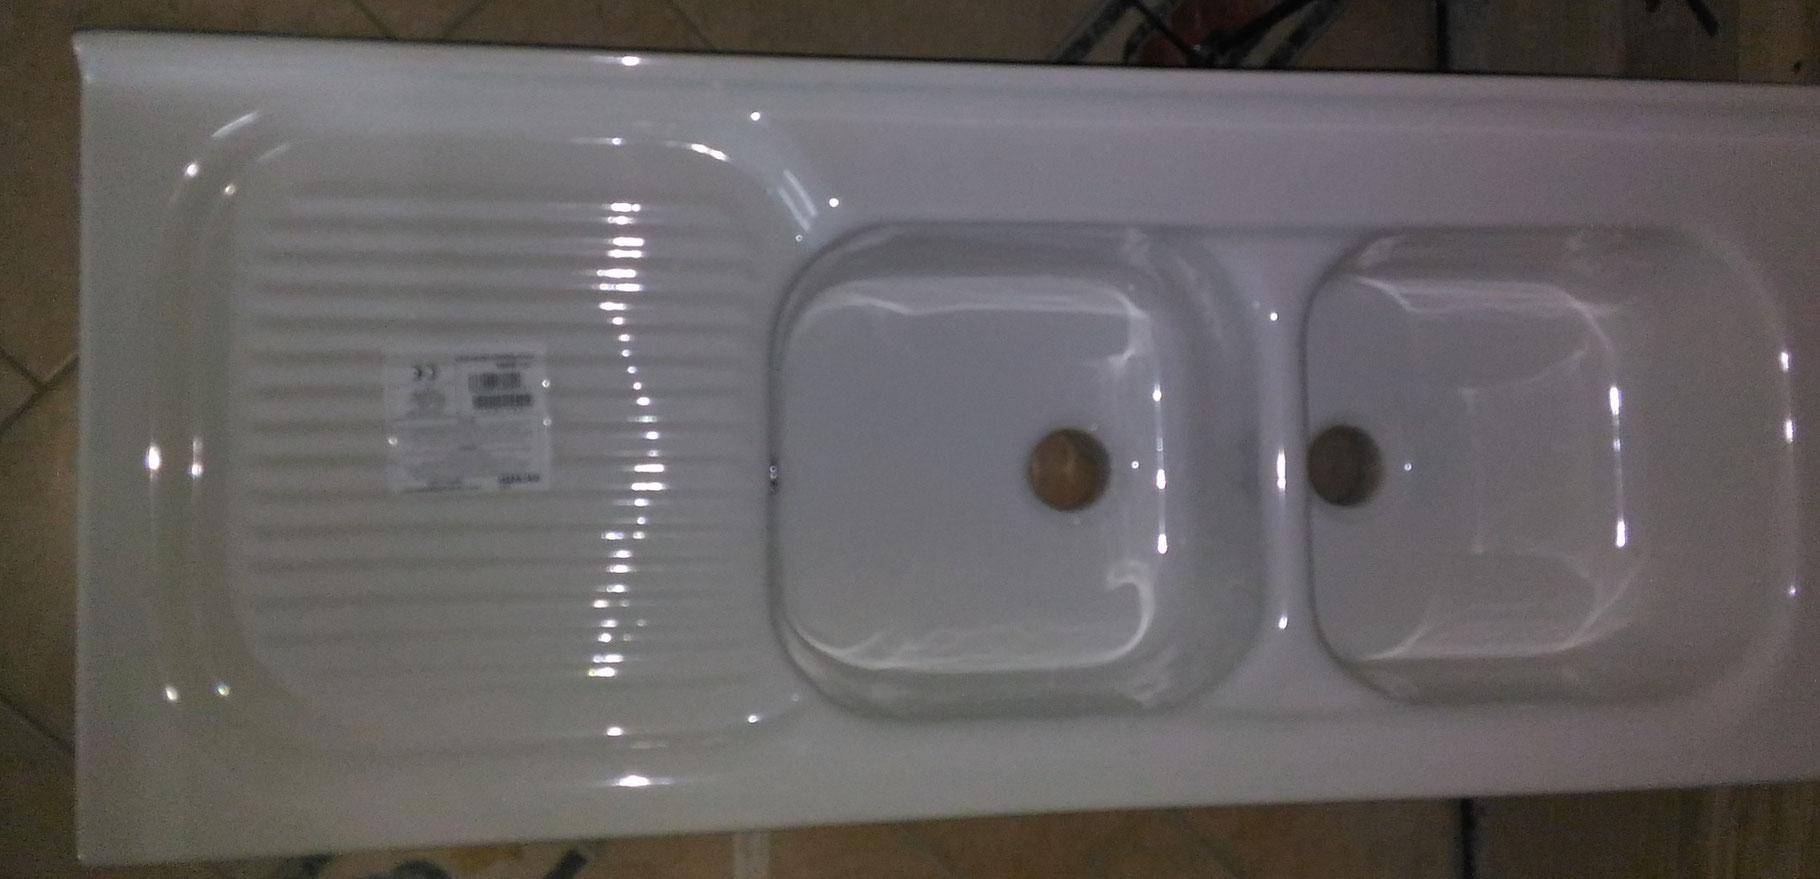 Lavello In Acciaio Con Mobiletto.Sottolavelli E Lavelli Da Cucina Incasso E Appoggio